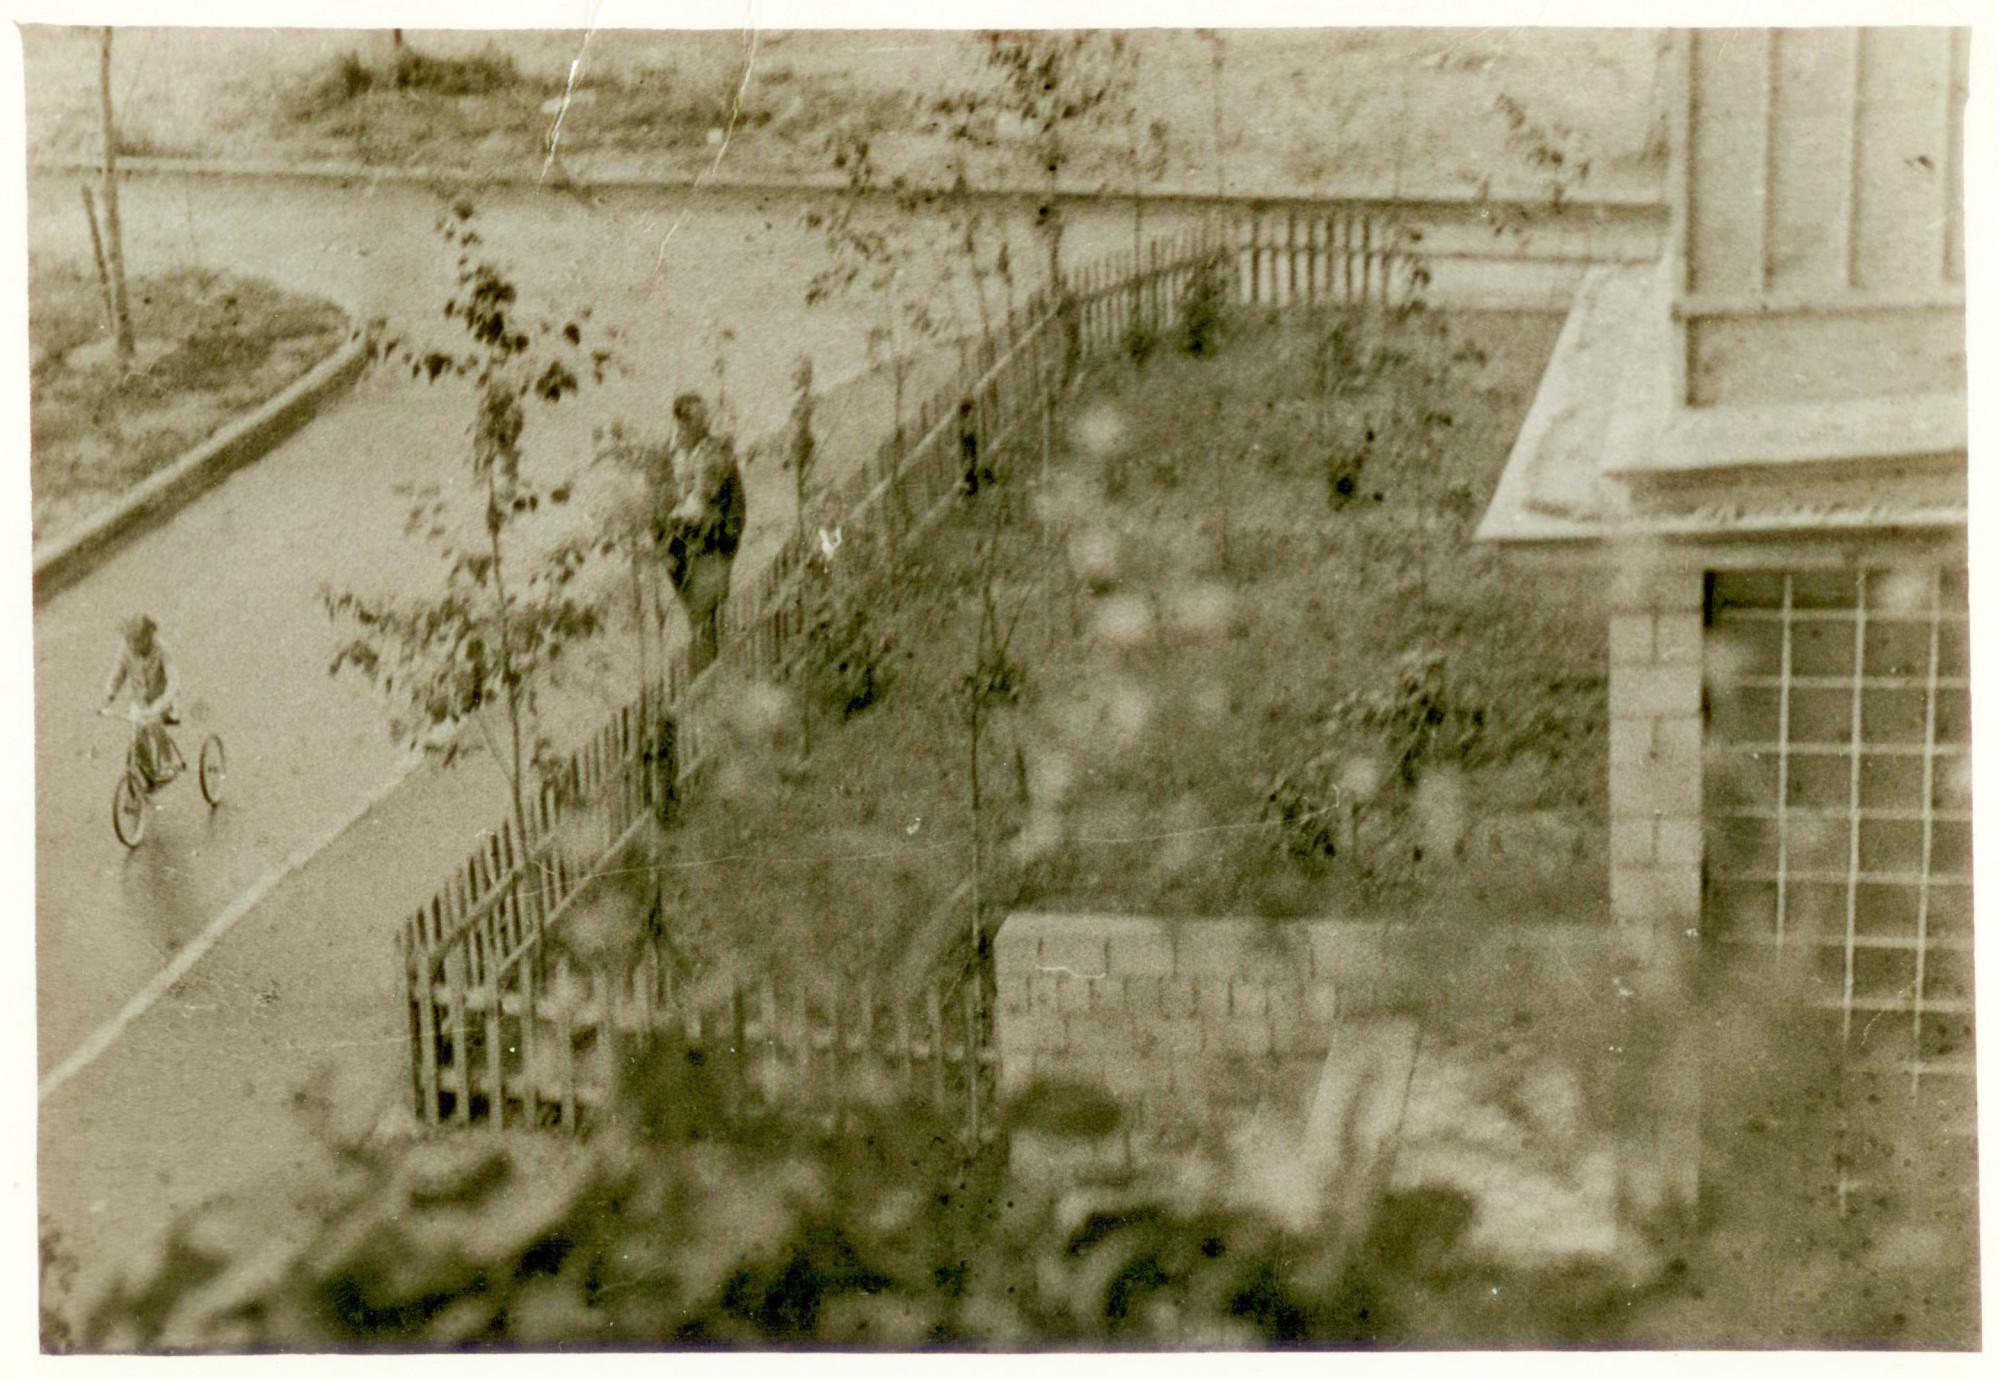 Из окна или балкона дома 2-19 по ул. Марии Поливановой со стороны двора3